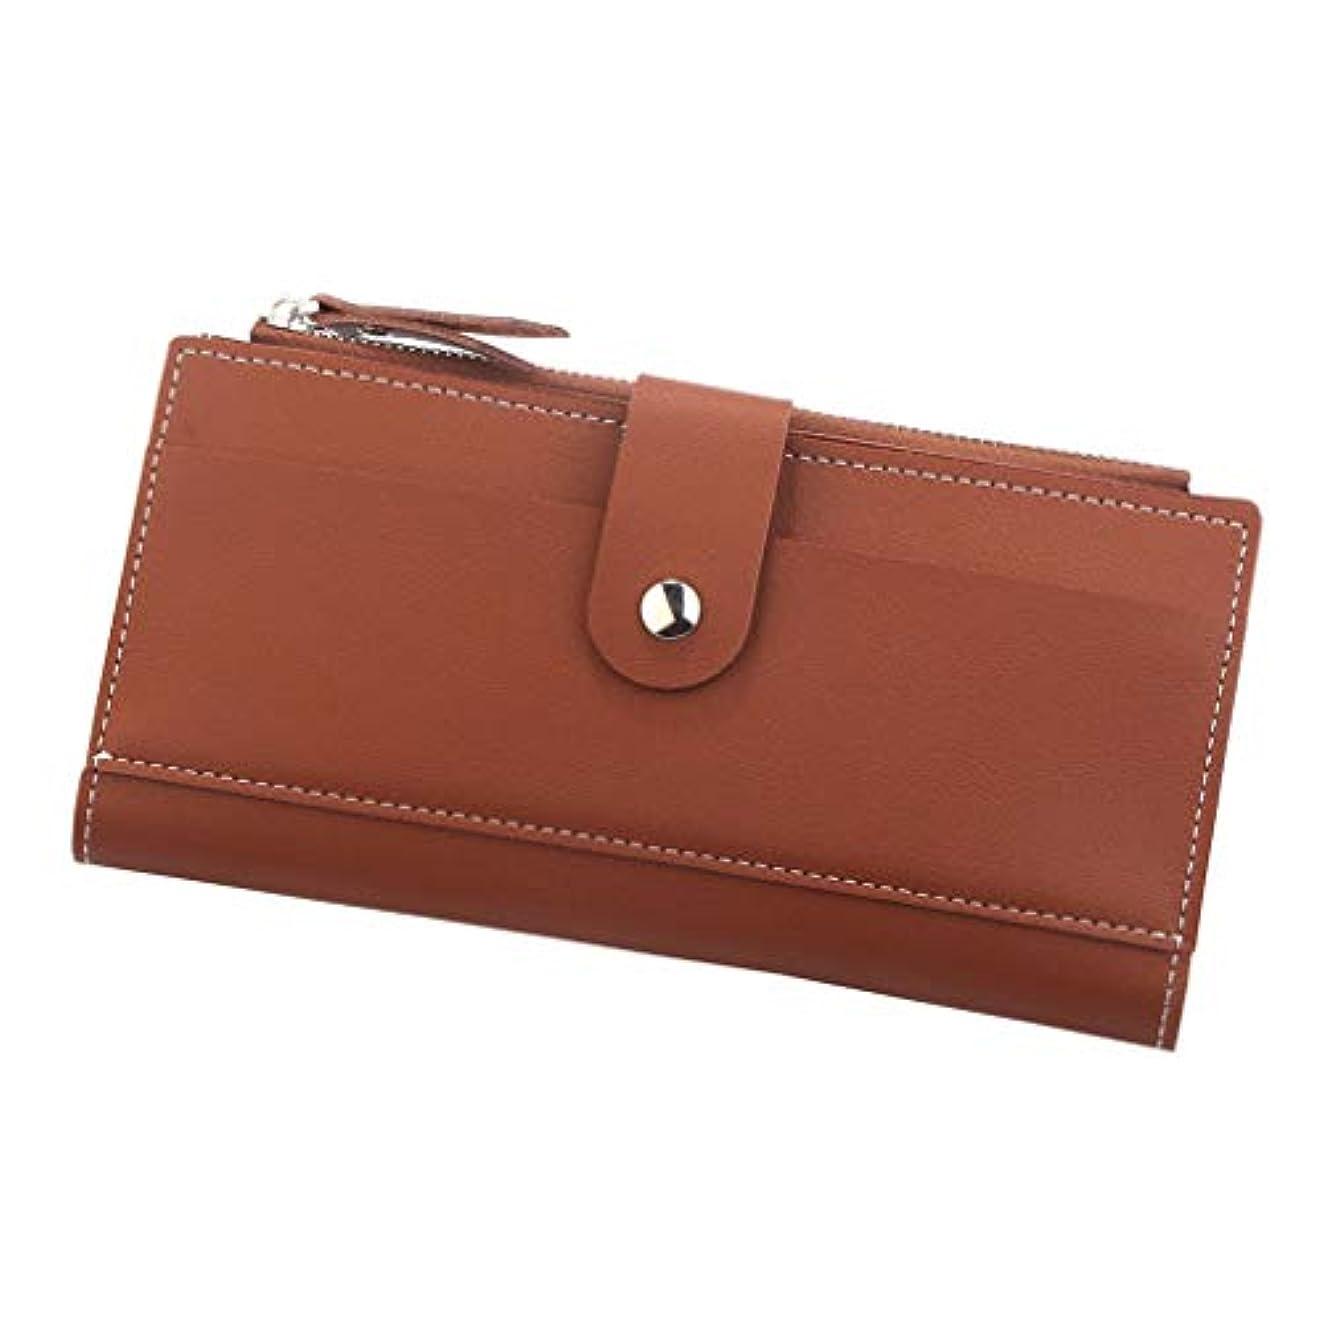 おとなしい感謝それから長財布 レディース 人気 安い YOKINO ハンドバッグ 手帳型 柔らかい 皮革 小銭入れ スマホケース 小銭入れ人気 カード大容 プレゼント使いやすい 高級感あり 手触り良い 女性用